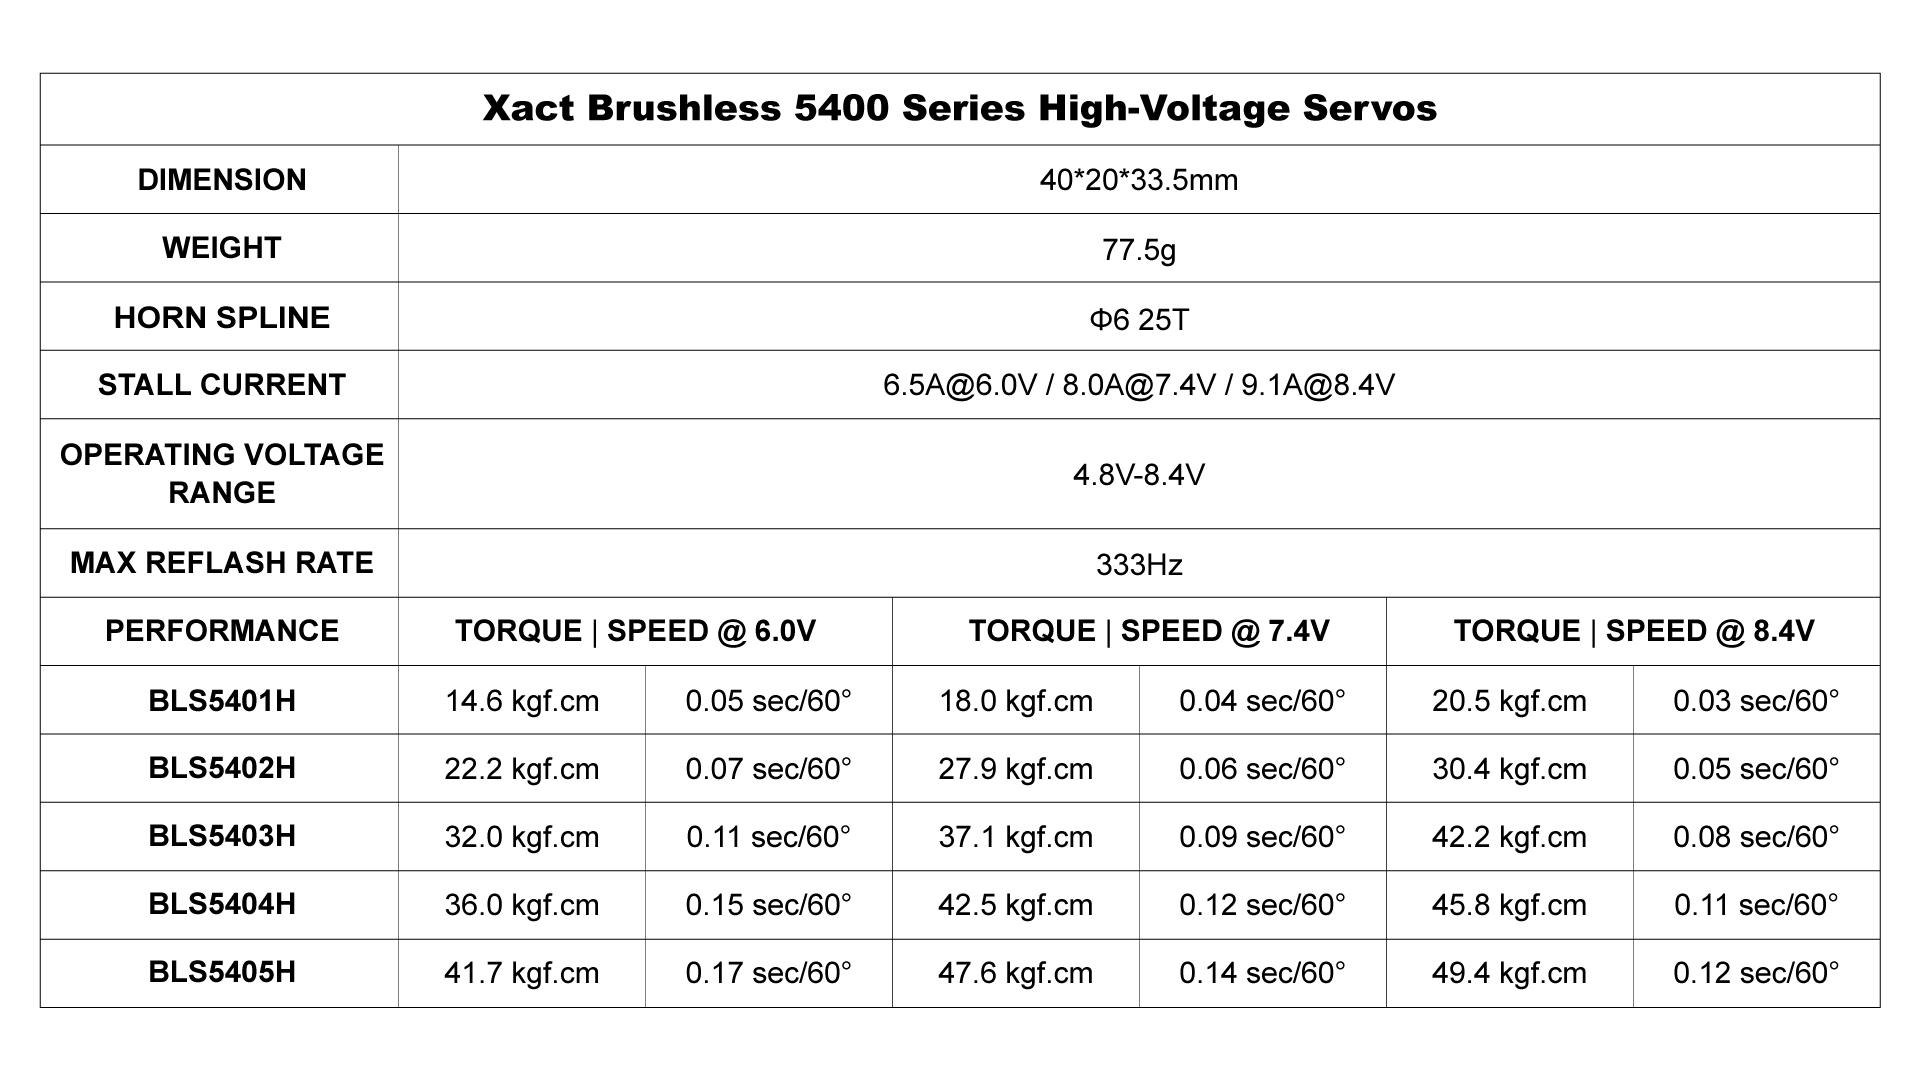 xact brushless servos 5400